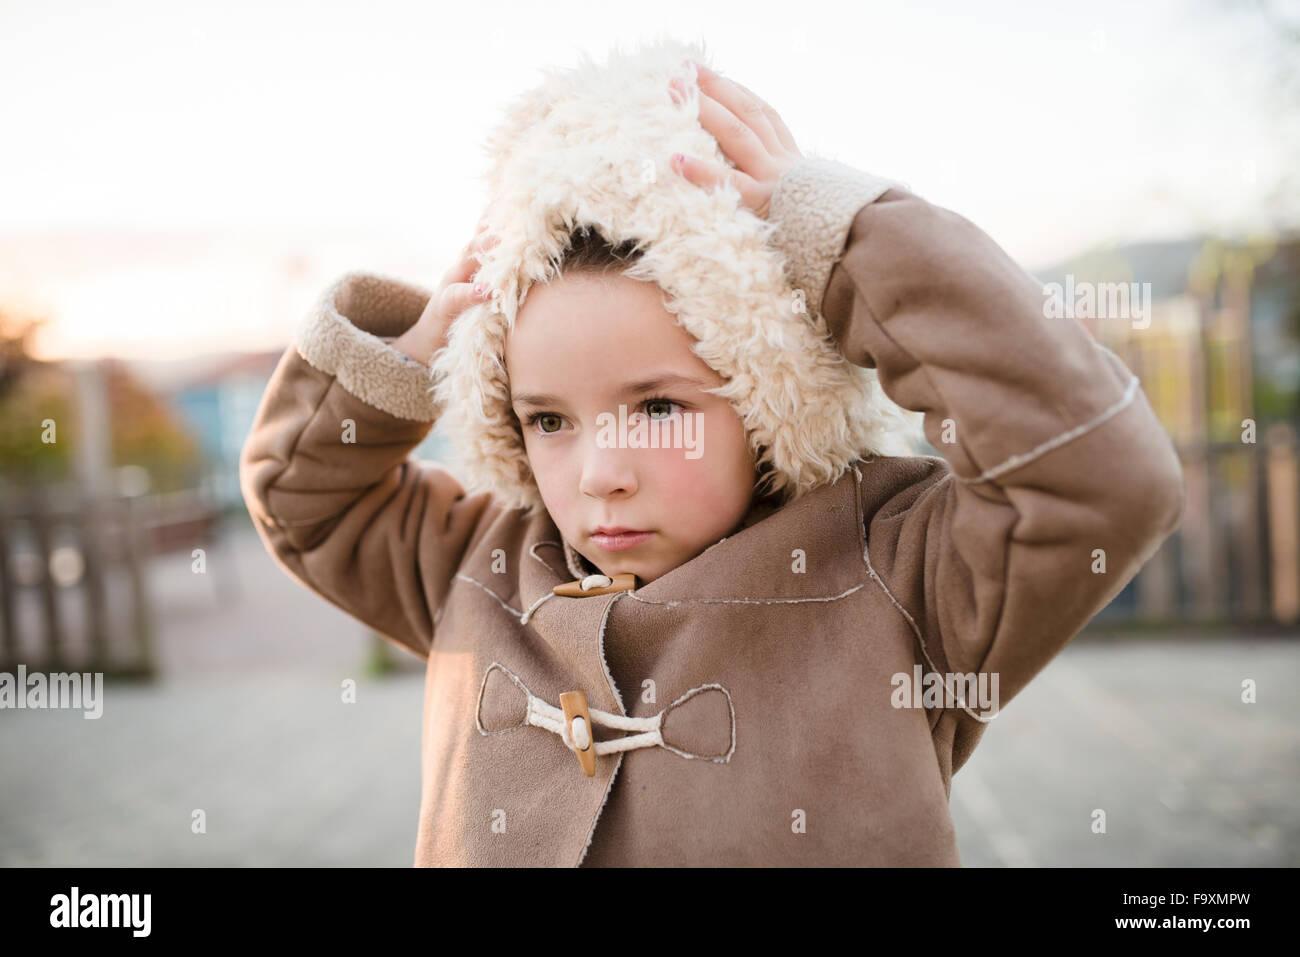 Mädchen tragen pelzigen Kapuze im freien Stockbild